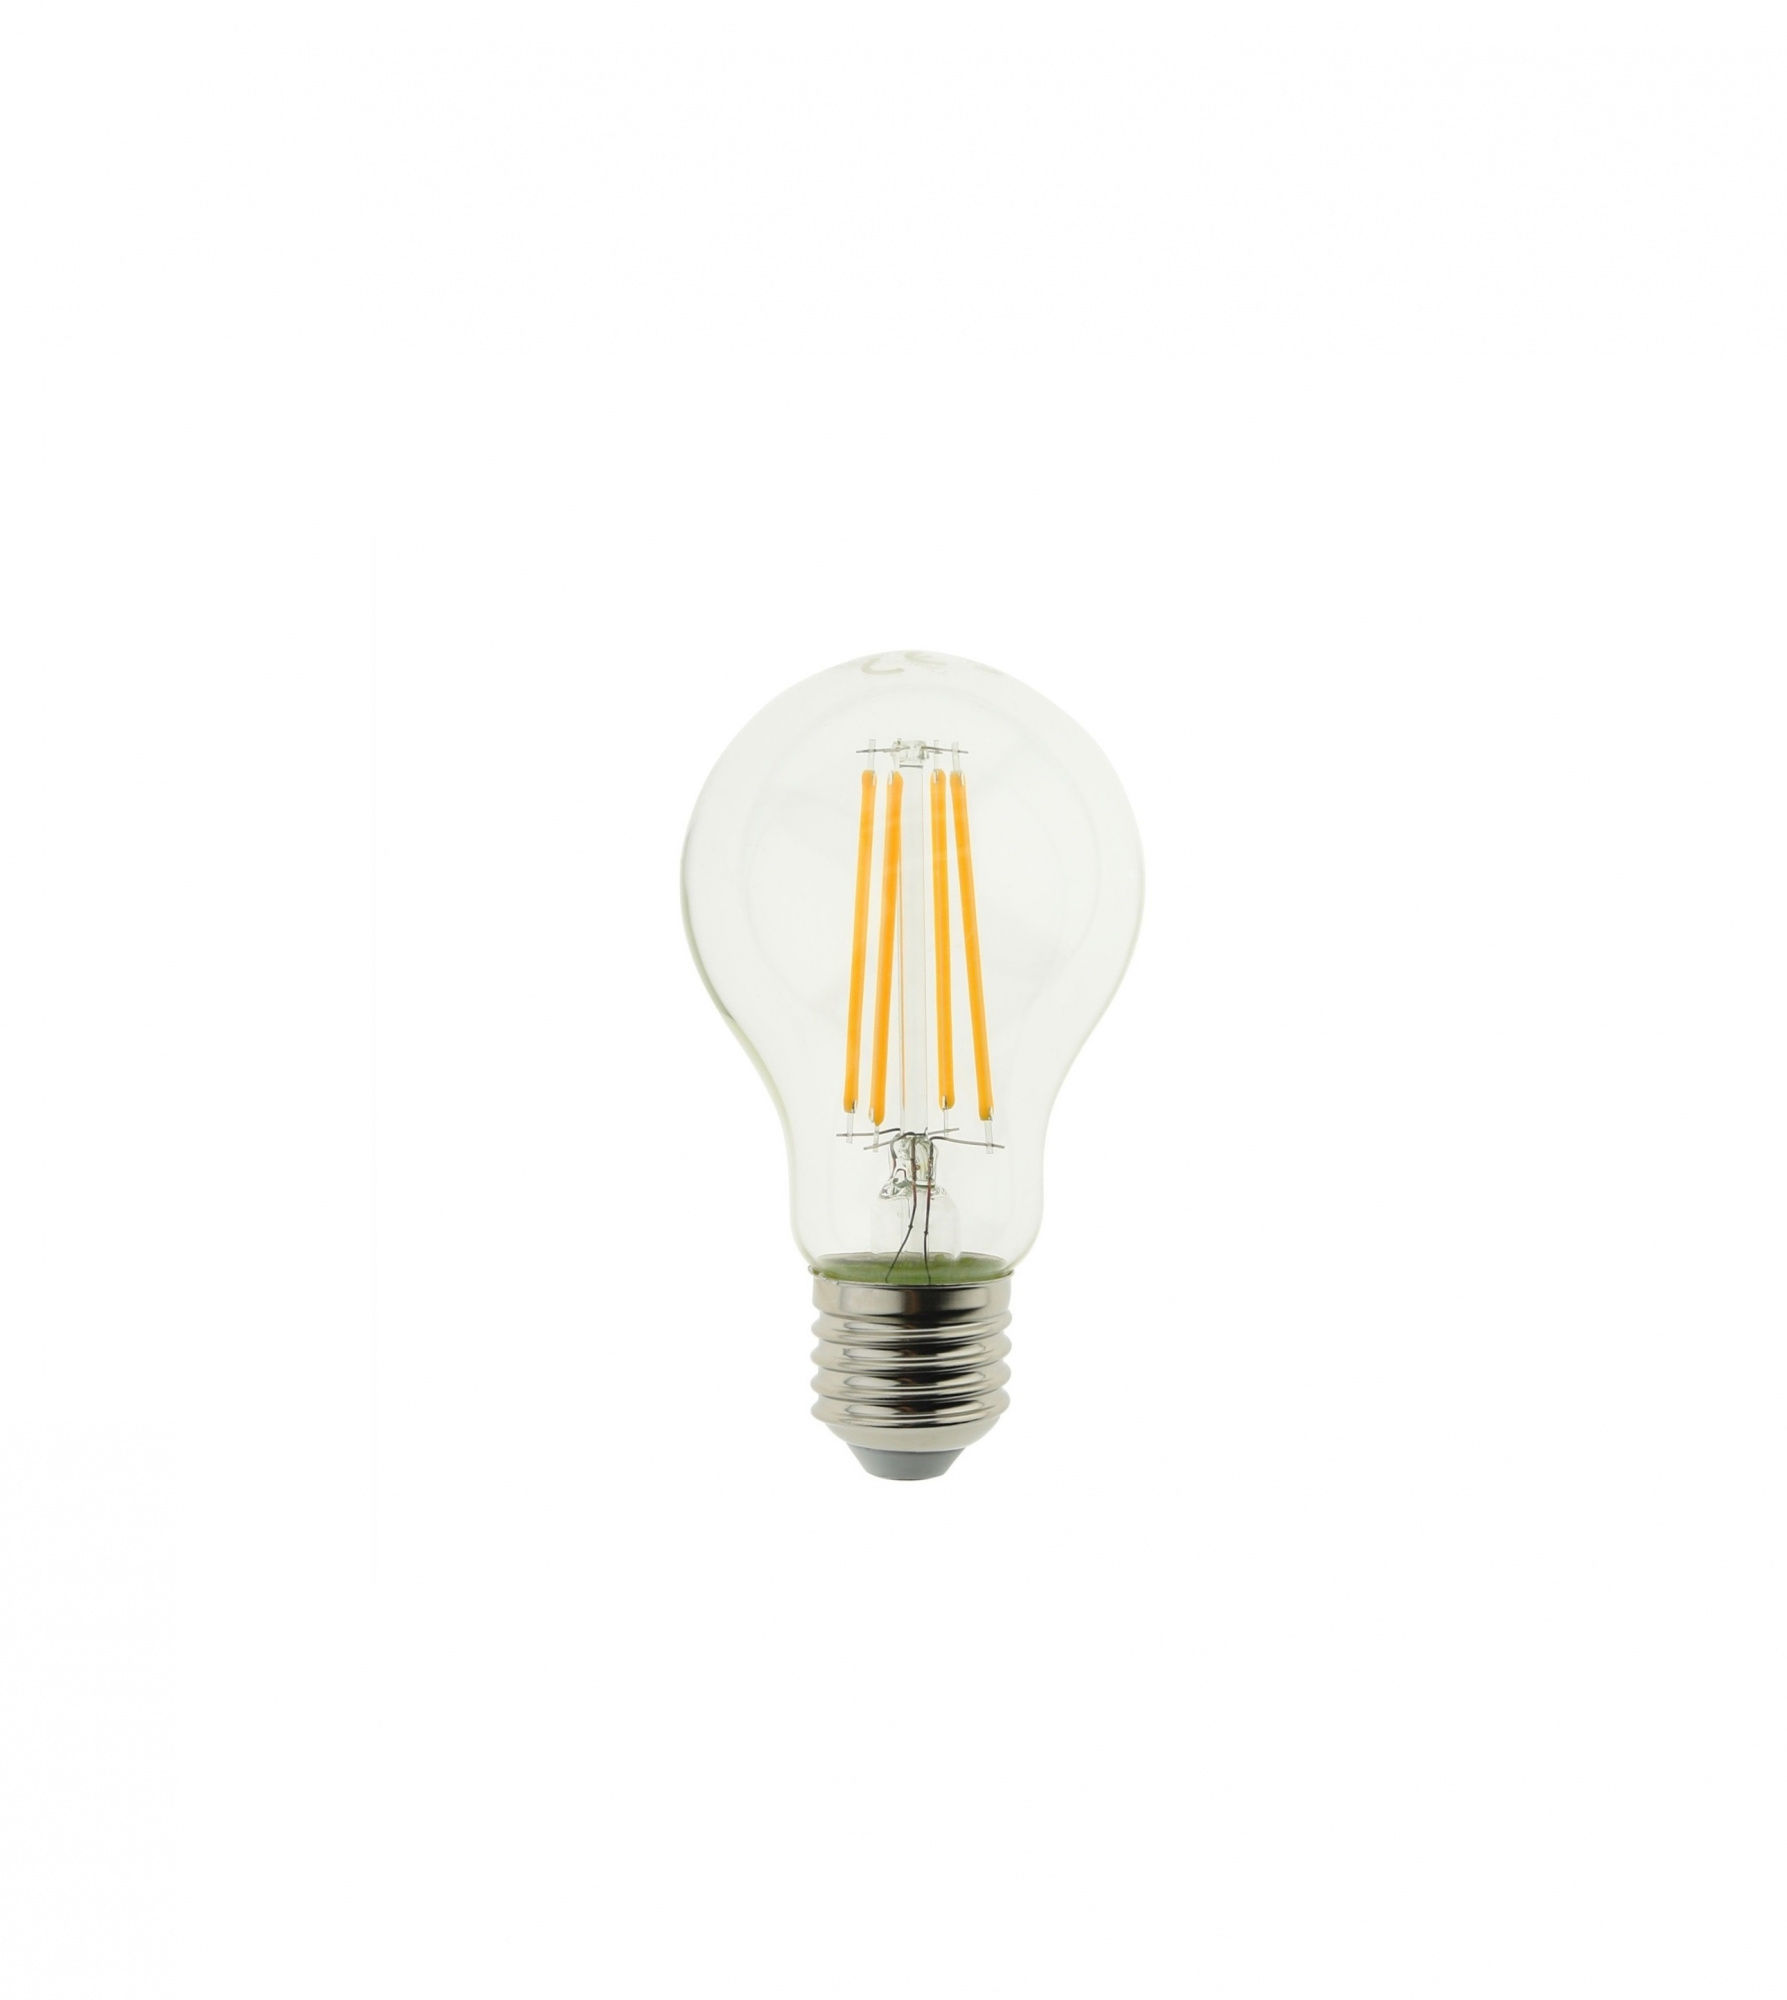 Żarówka LED E27 8W 2300K ST64 Filament Amber Glass Ściemnialna BLAUPUNKT